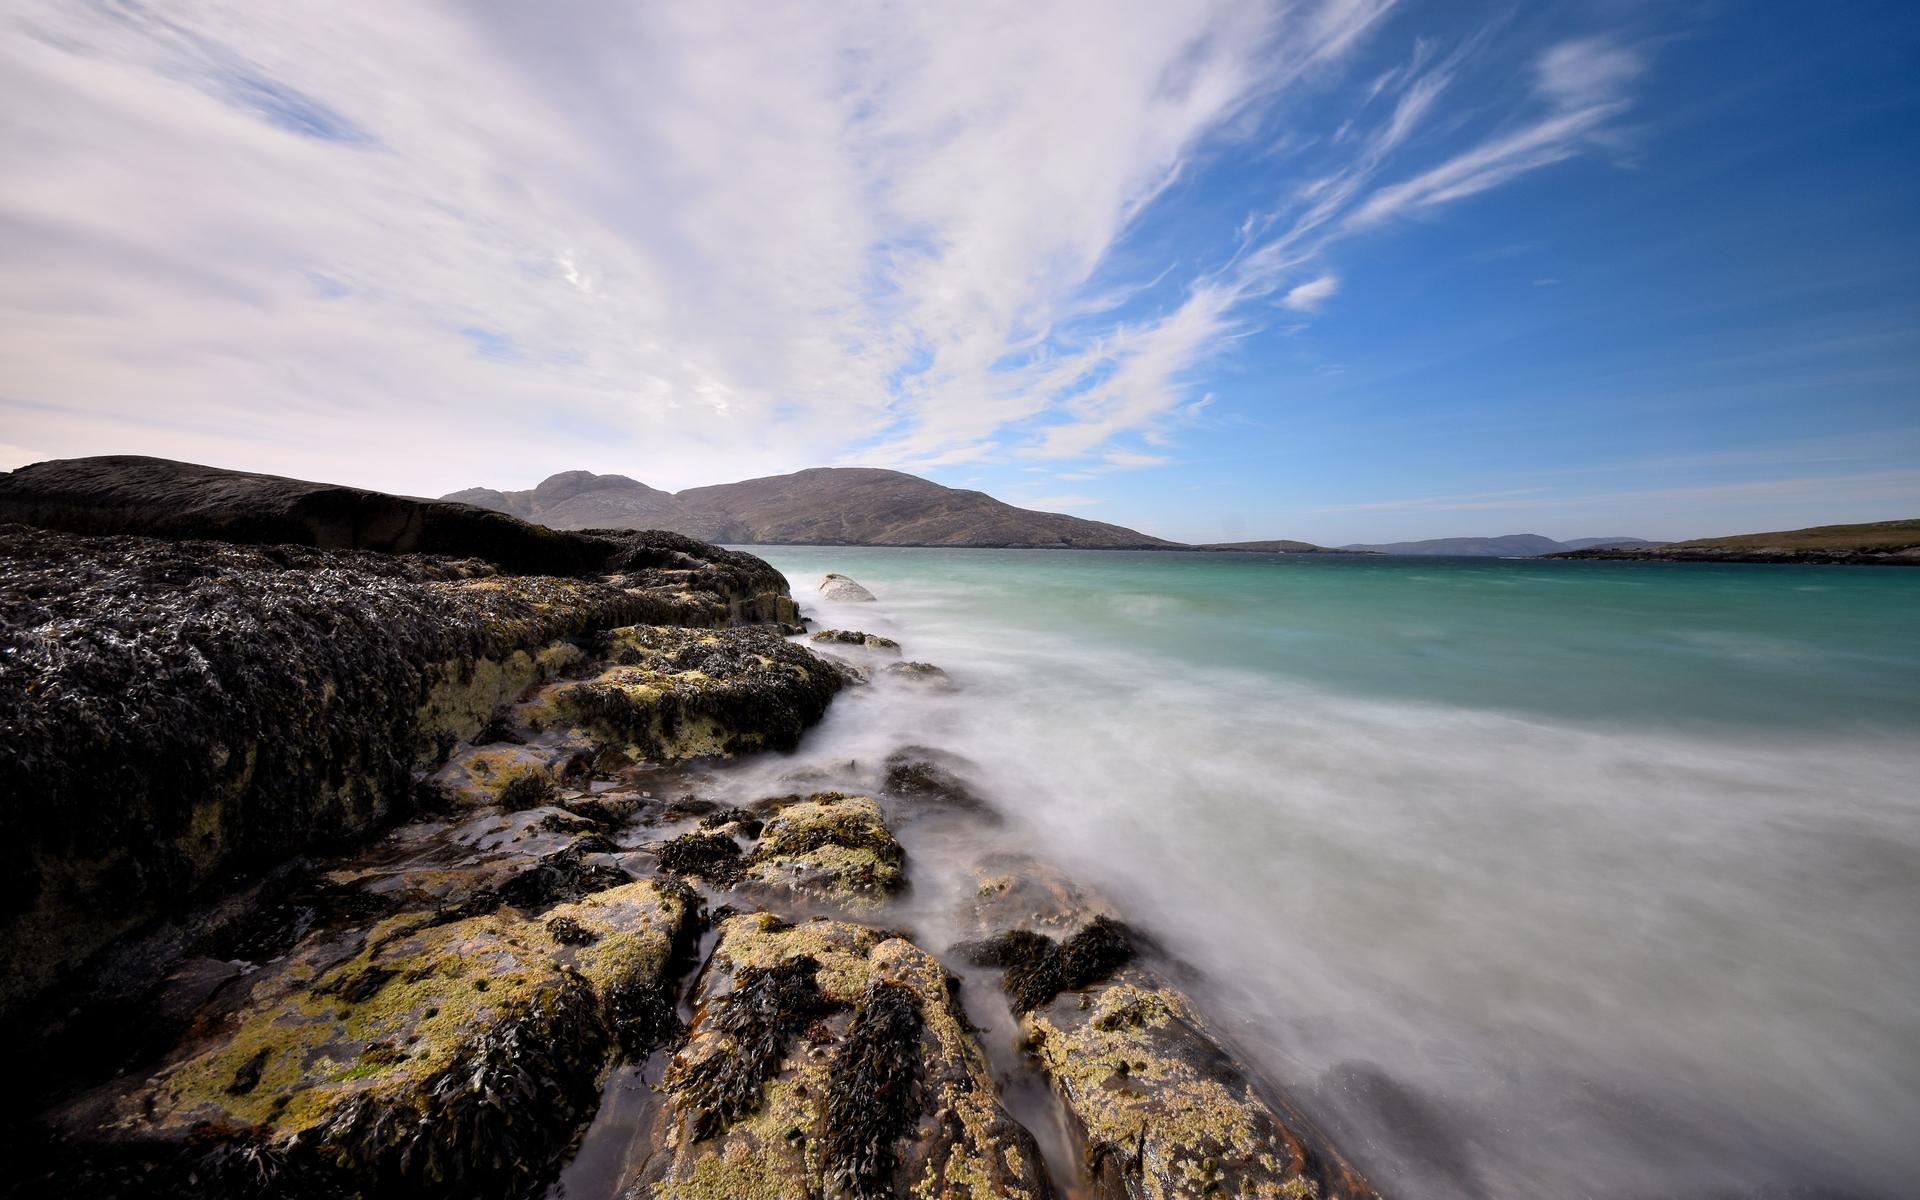 seascape-front-scenery-blue-rocks-5k-2n.jpg